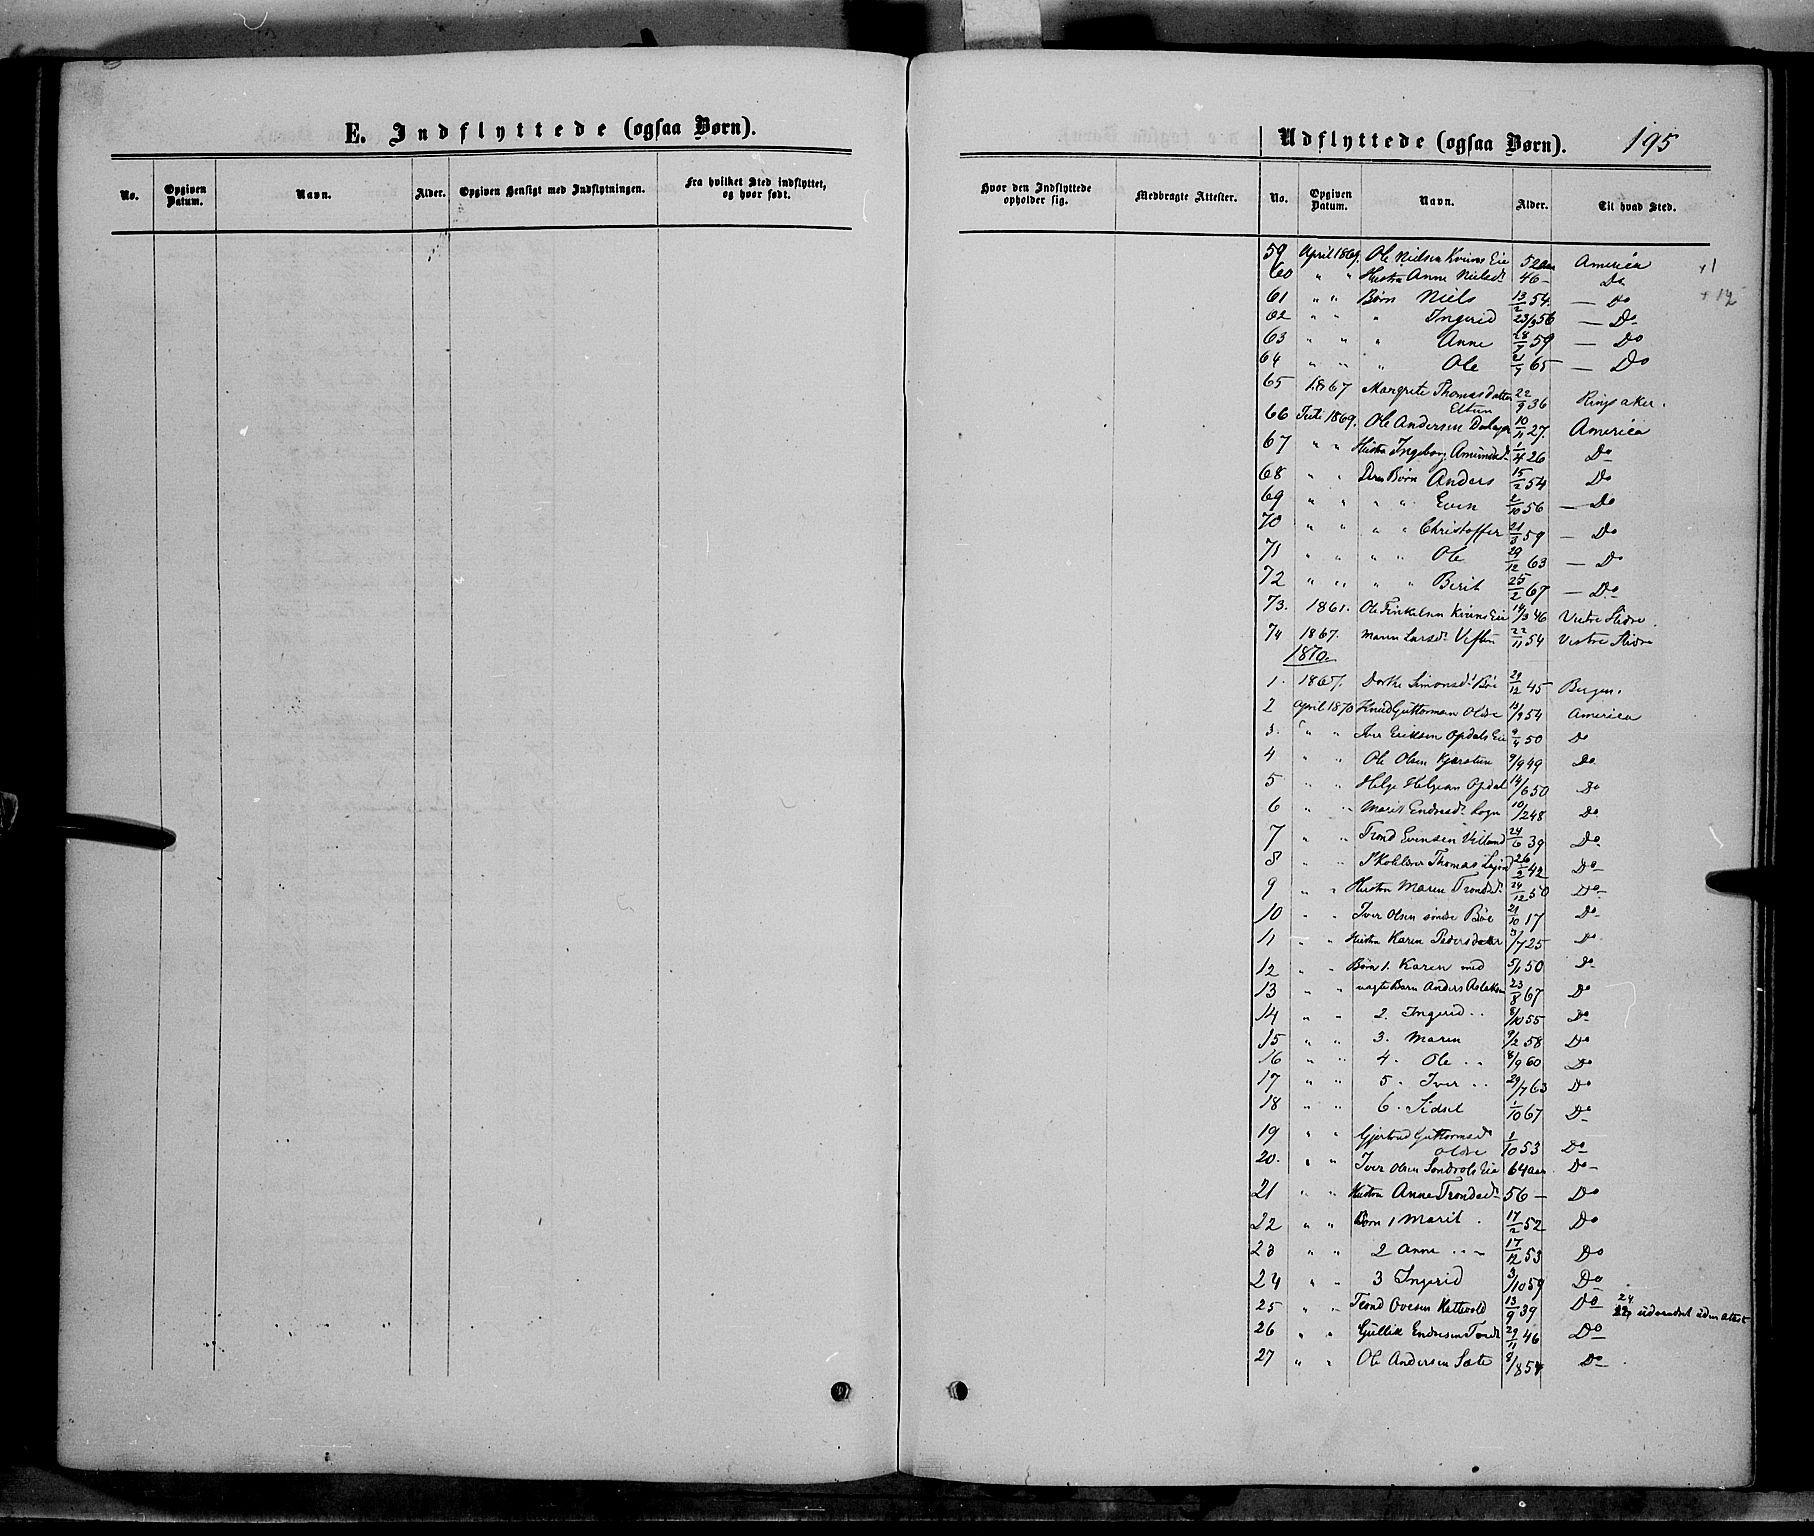 SAH, Vang prestekontor, Valdres, Ministerialbok nr. 7, 1865-1881, s. 195